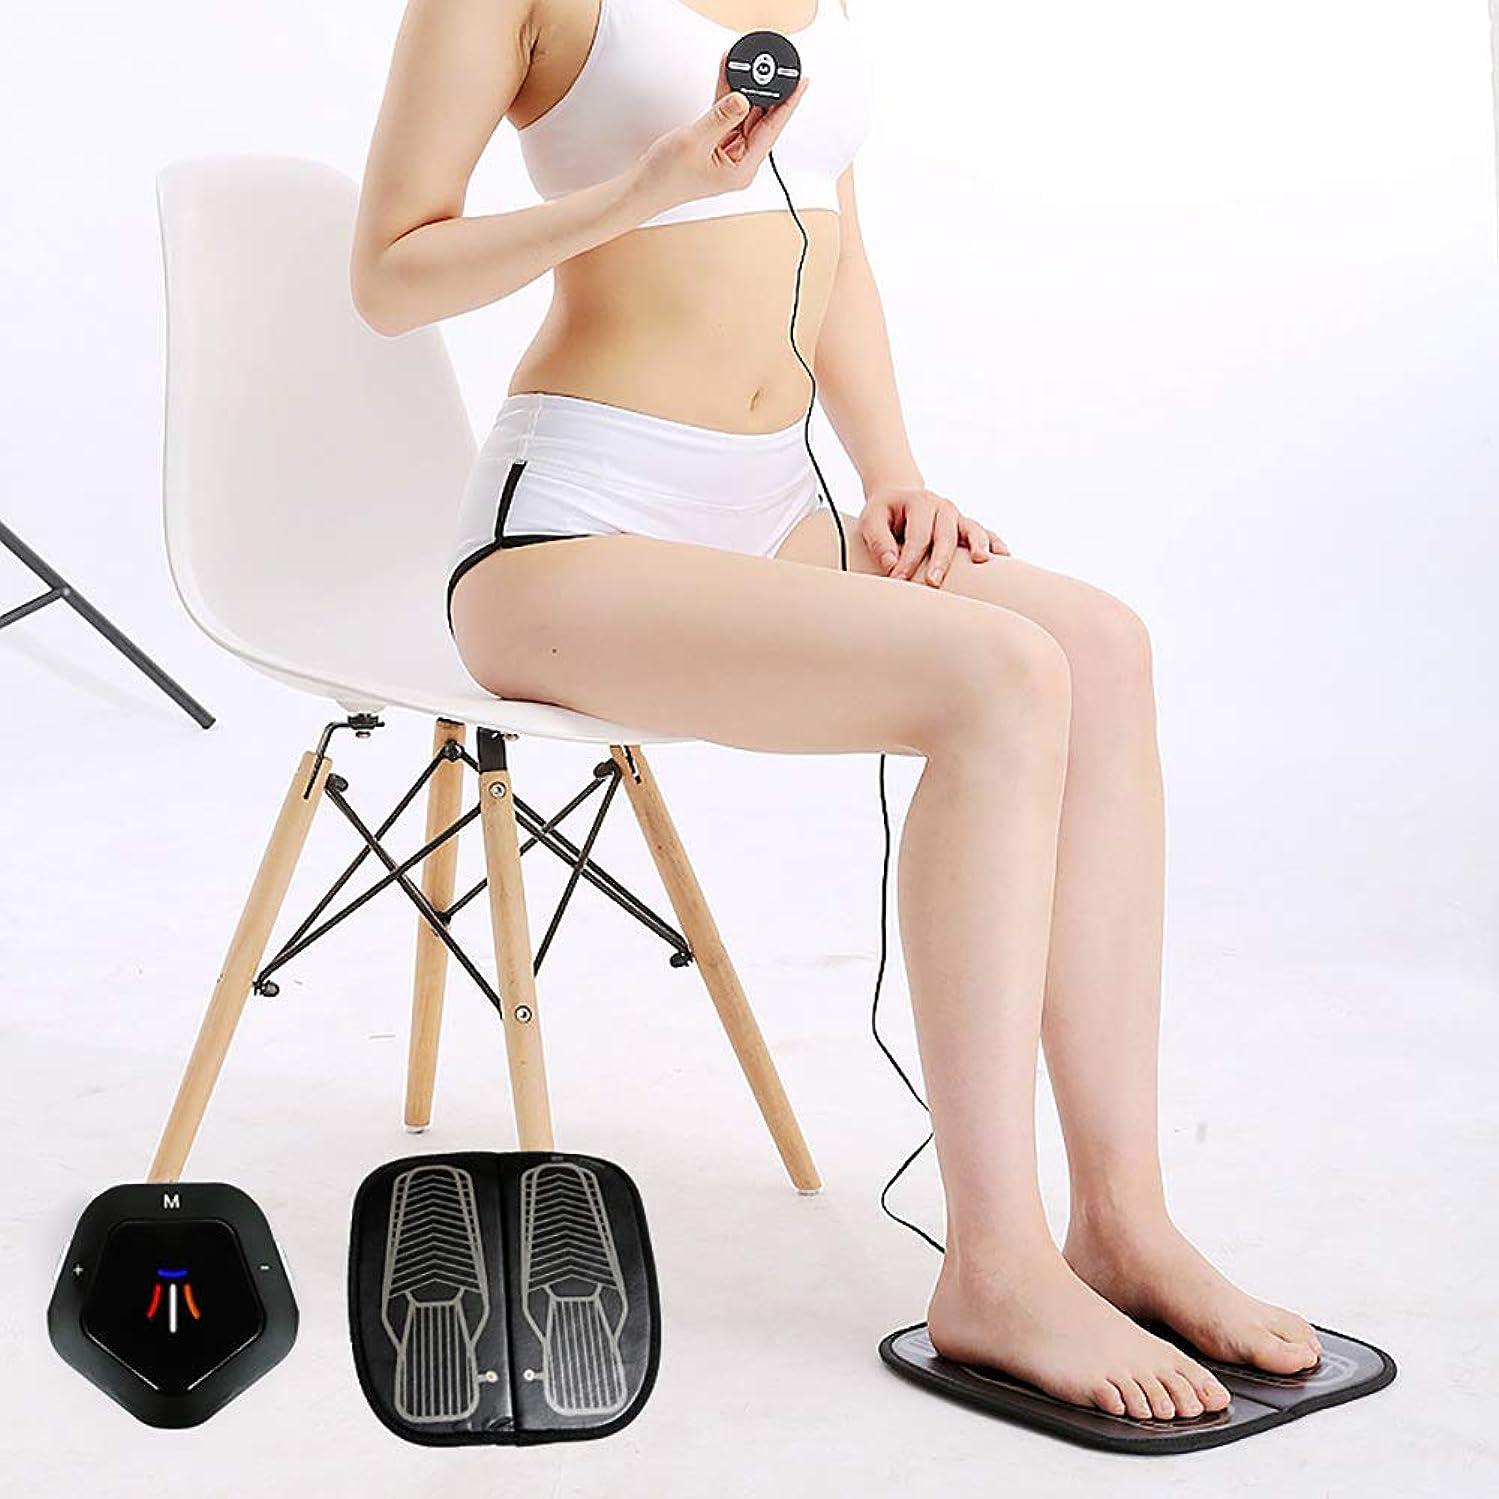 店主降下緩めるEMS理学療法の足のマッサージのクッション、USBの再充電可能な振動の足のペディキュア機械はフィートの苦痛を取り除きます血循環を改善します